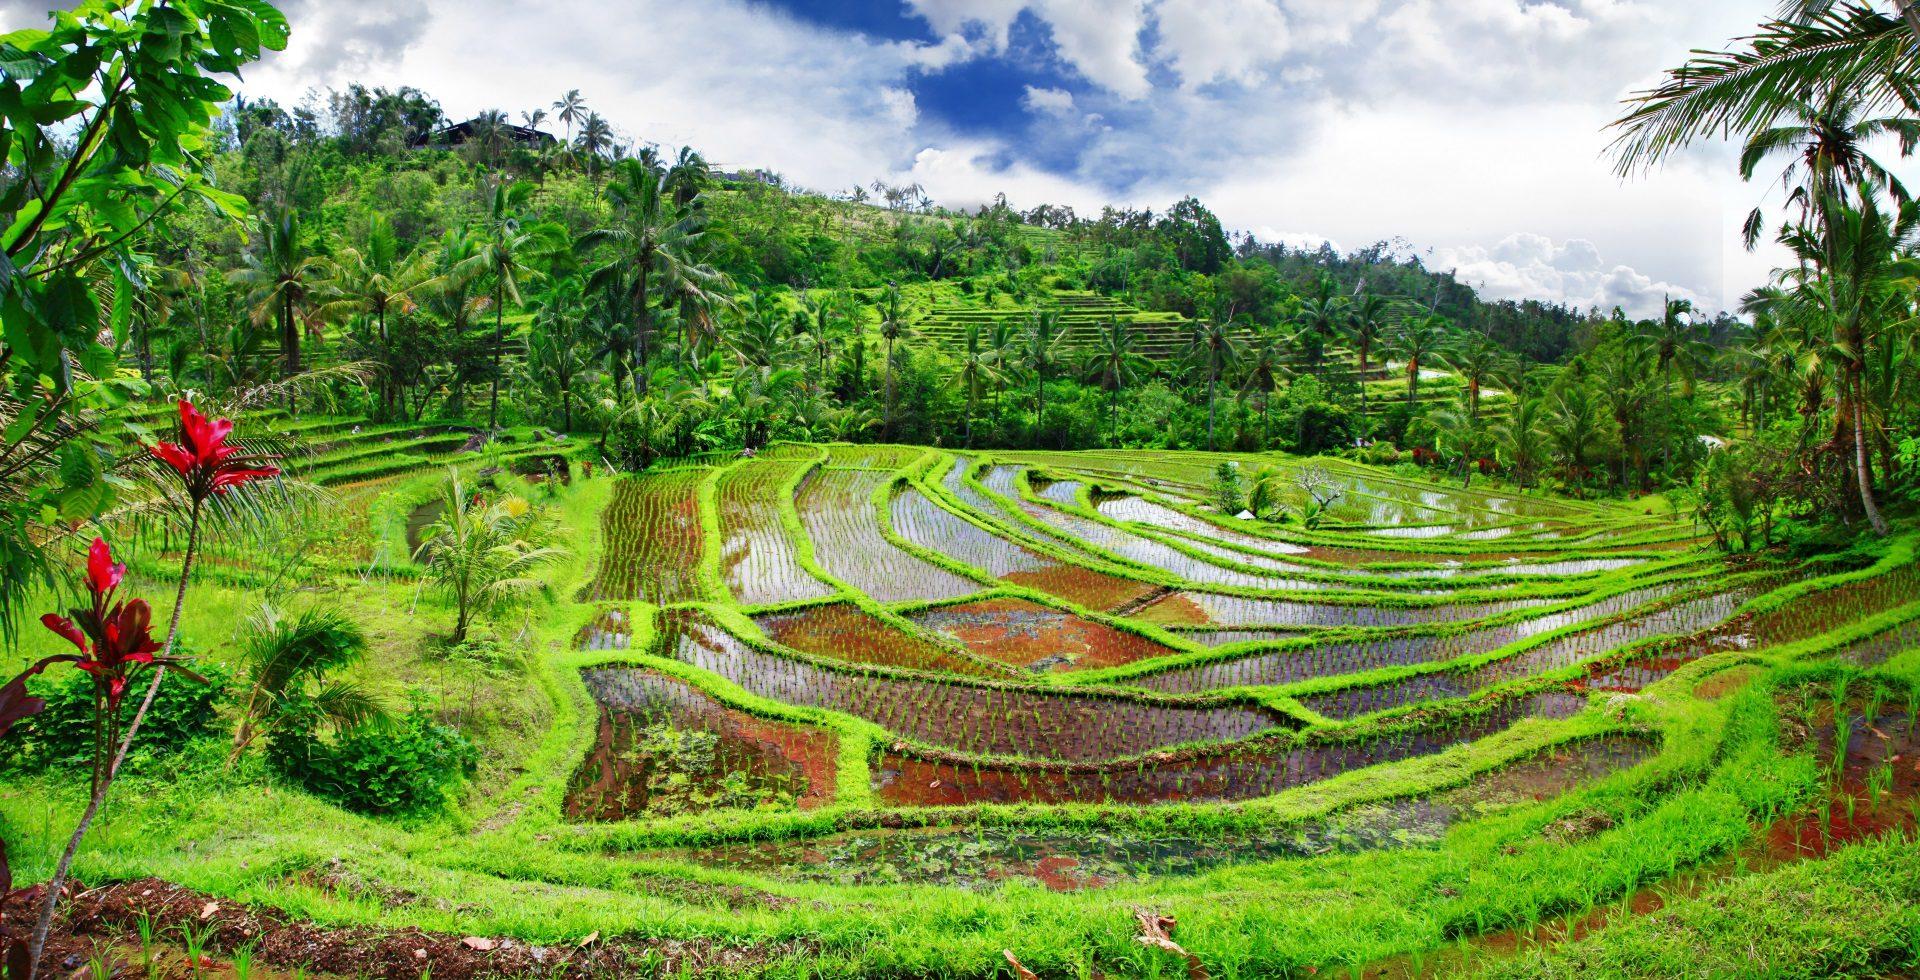 Billigflüge nach Indonesien